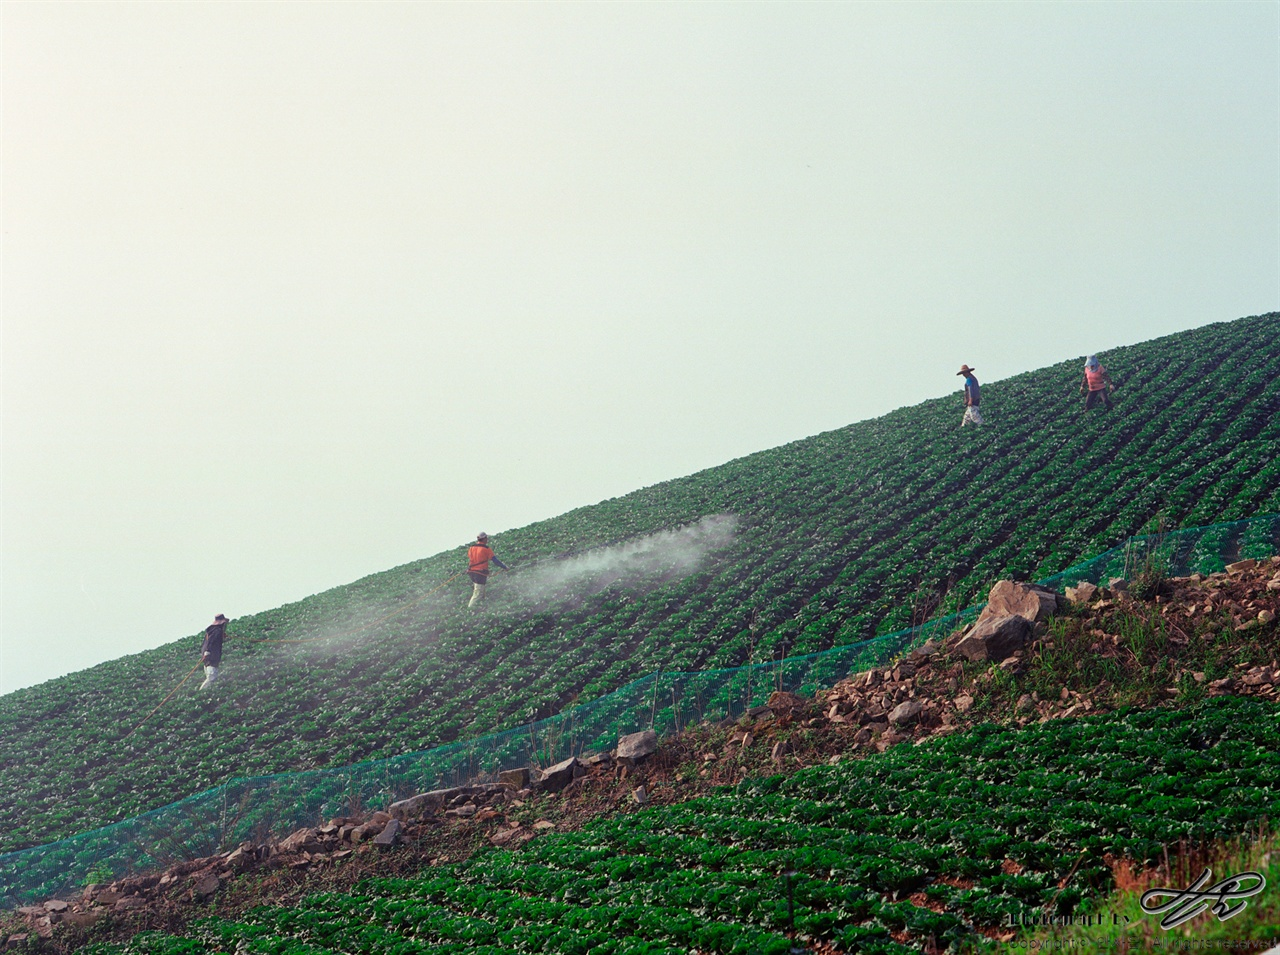 아침 작업 (Pro400H)여러 명의 일꾼들이 아침 작업을 하고 있다. 긴 호스로 하는 작업이라 팀워크가 필수.